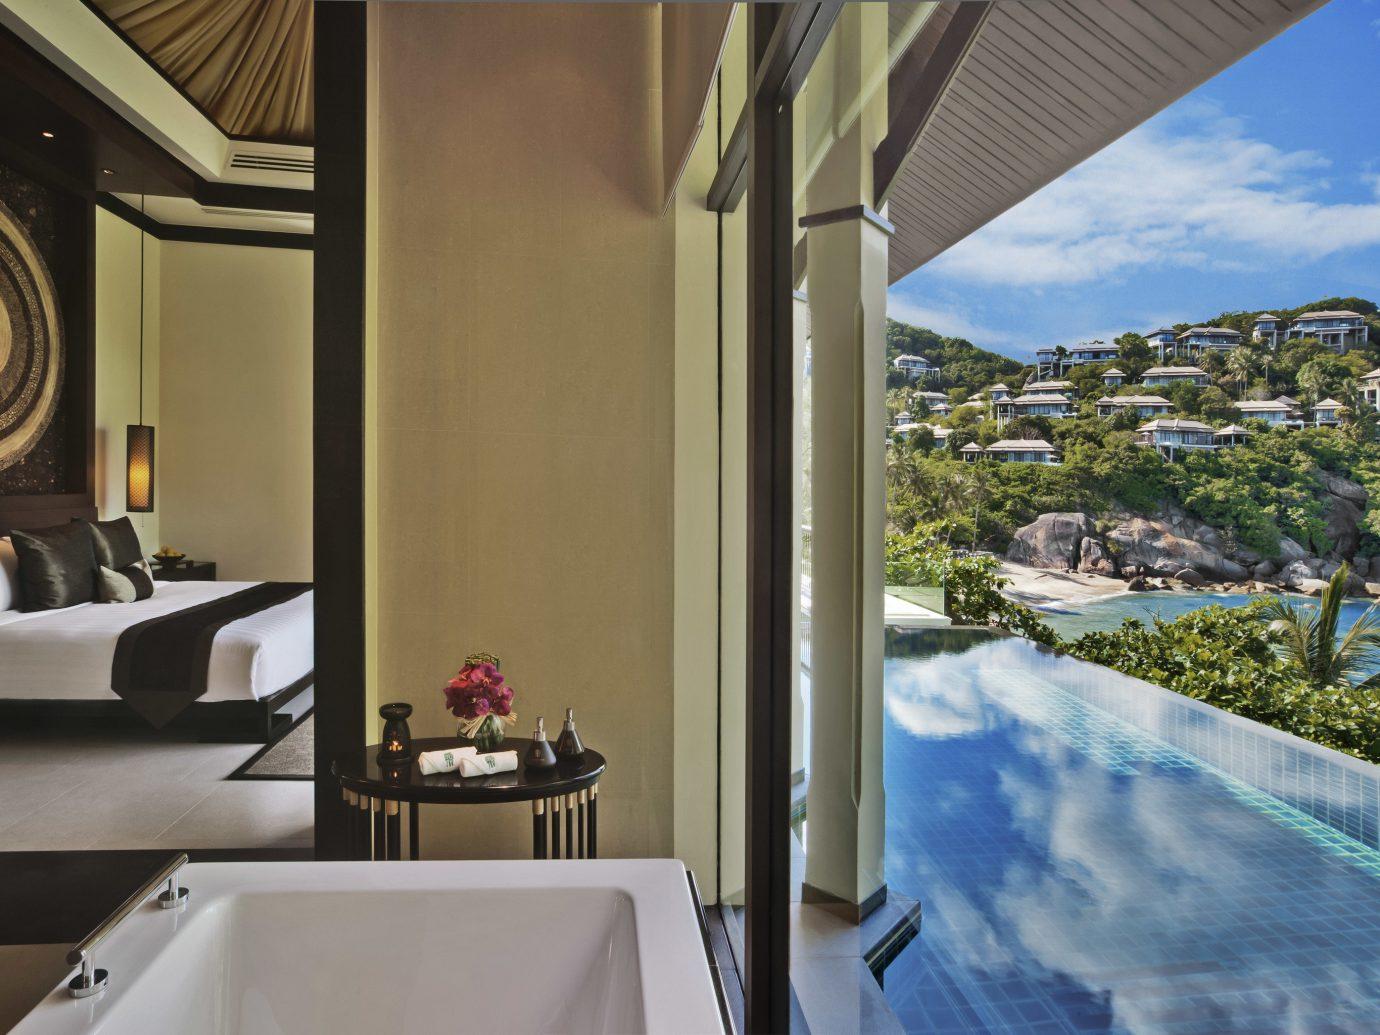 Hotels indoor property room estate home swimming pool interior design condominium Villa Resort mansion